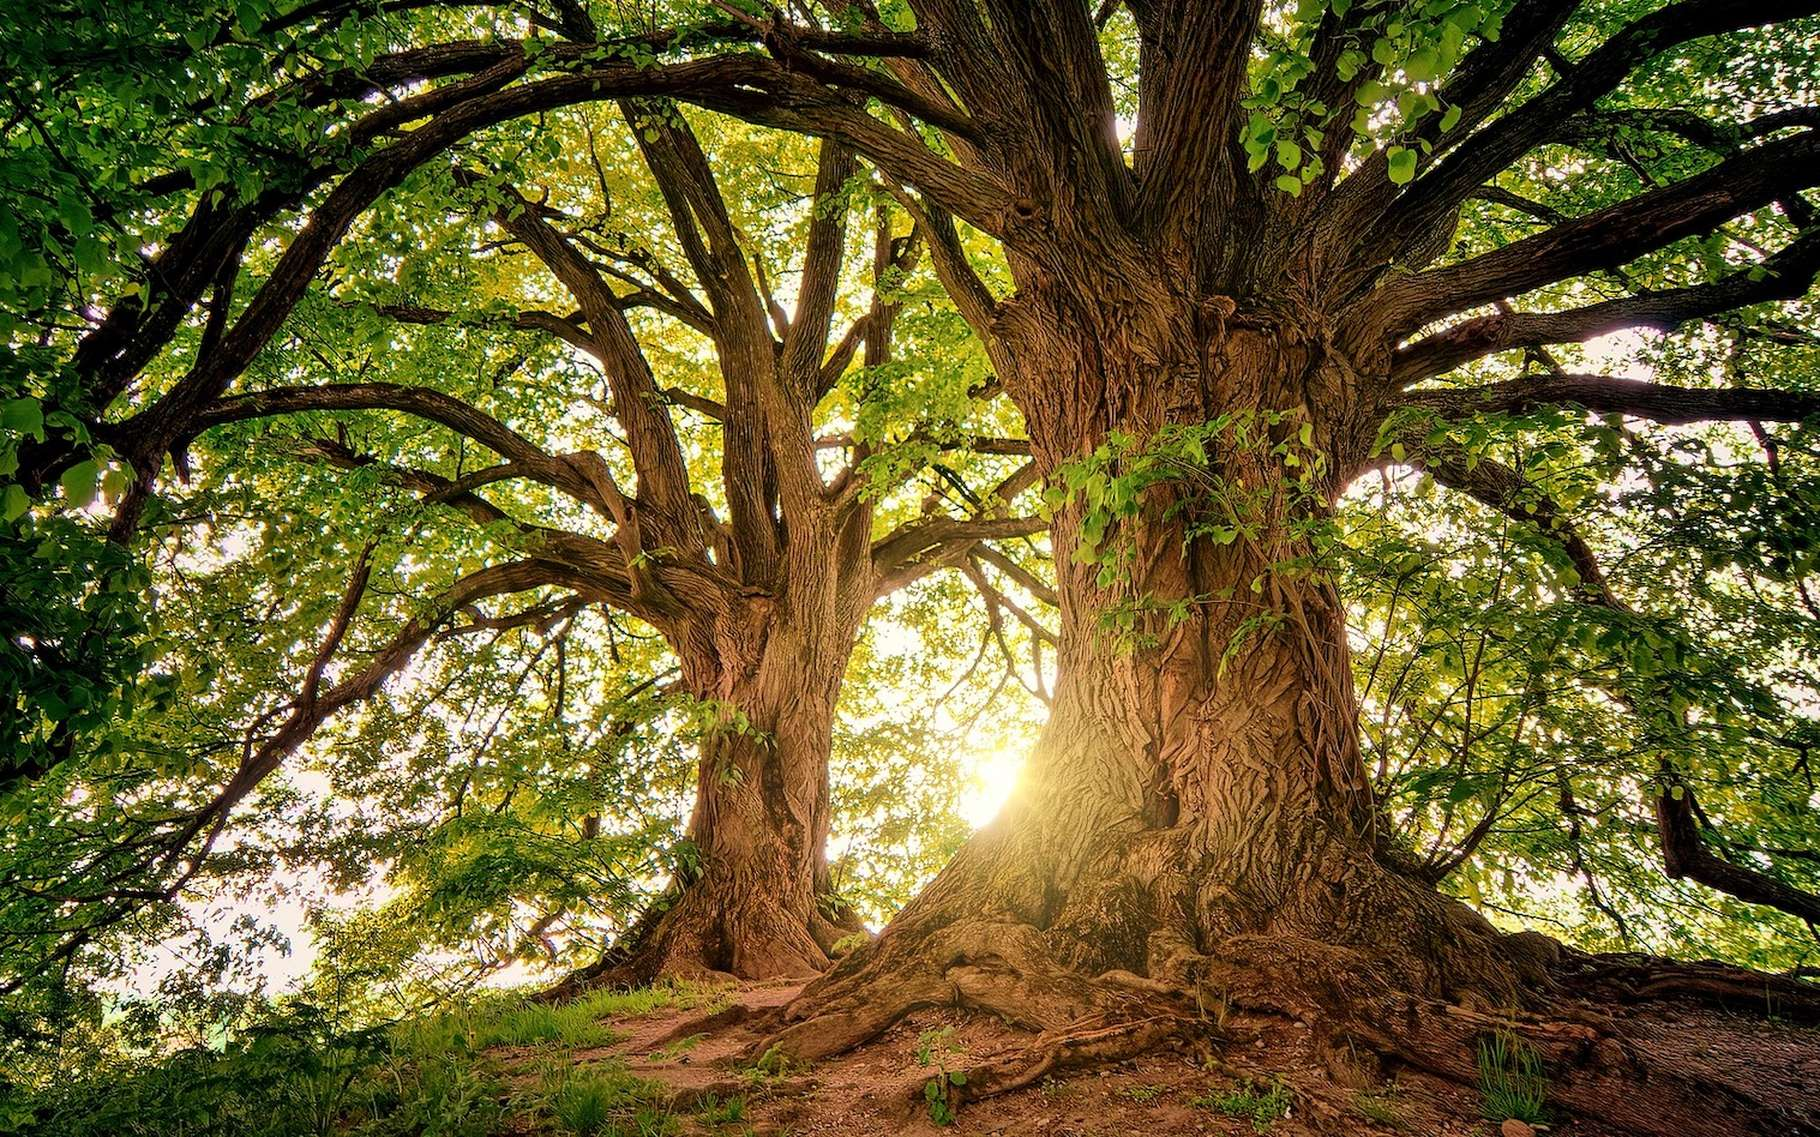 Les arbres stockent le CO2 et aident ainsi à lutter contre le réchauffement climatique. Mais, l'équation pourrait ne pas être aussi simple. © jplenio, Pixabay, CC0 Creative Commons